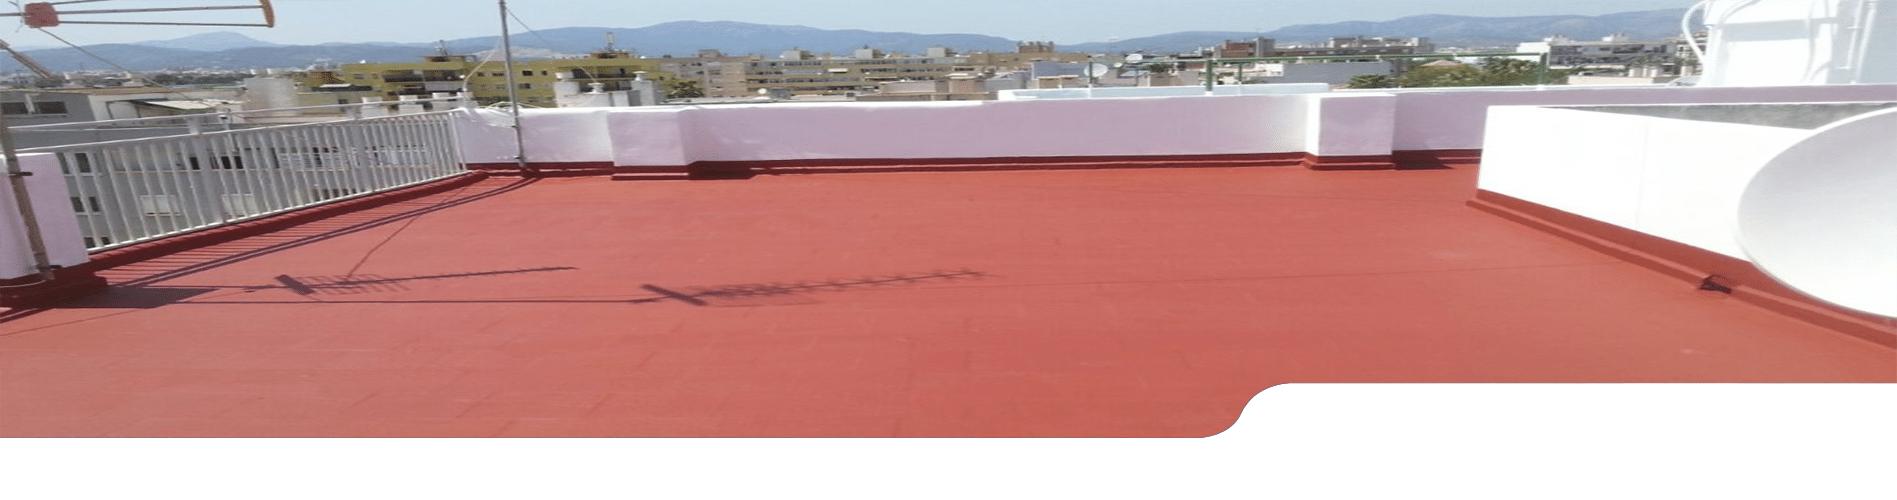 Impermeabilizaciones de terrazas en Madrid. Servicios de pintura e impermeabilización de terrazas.